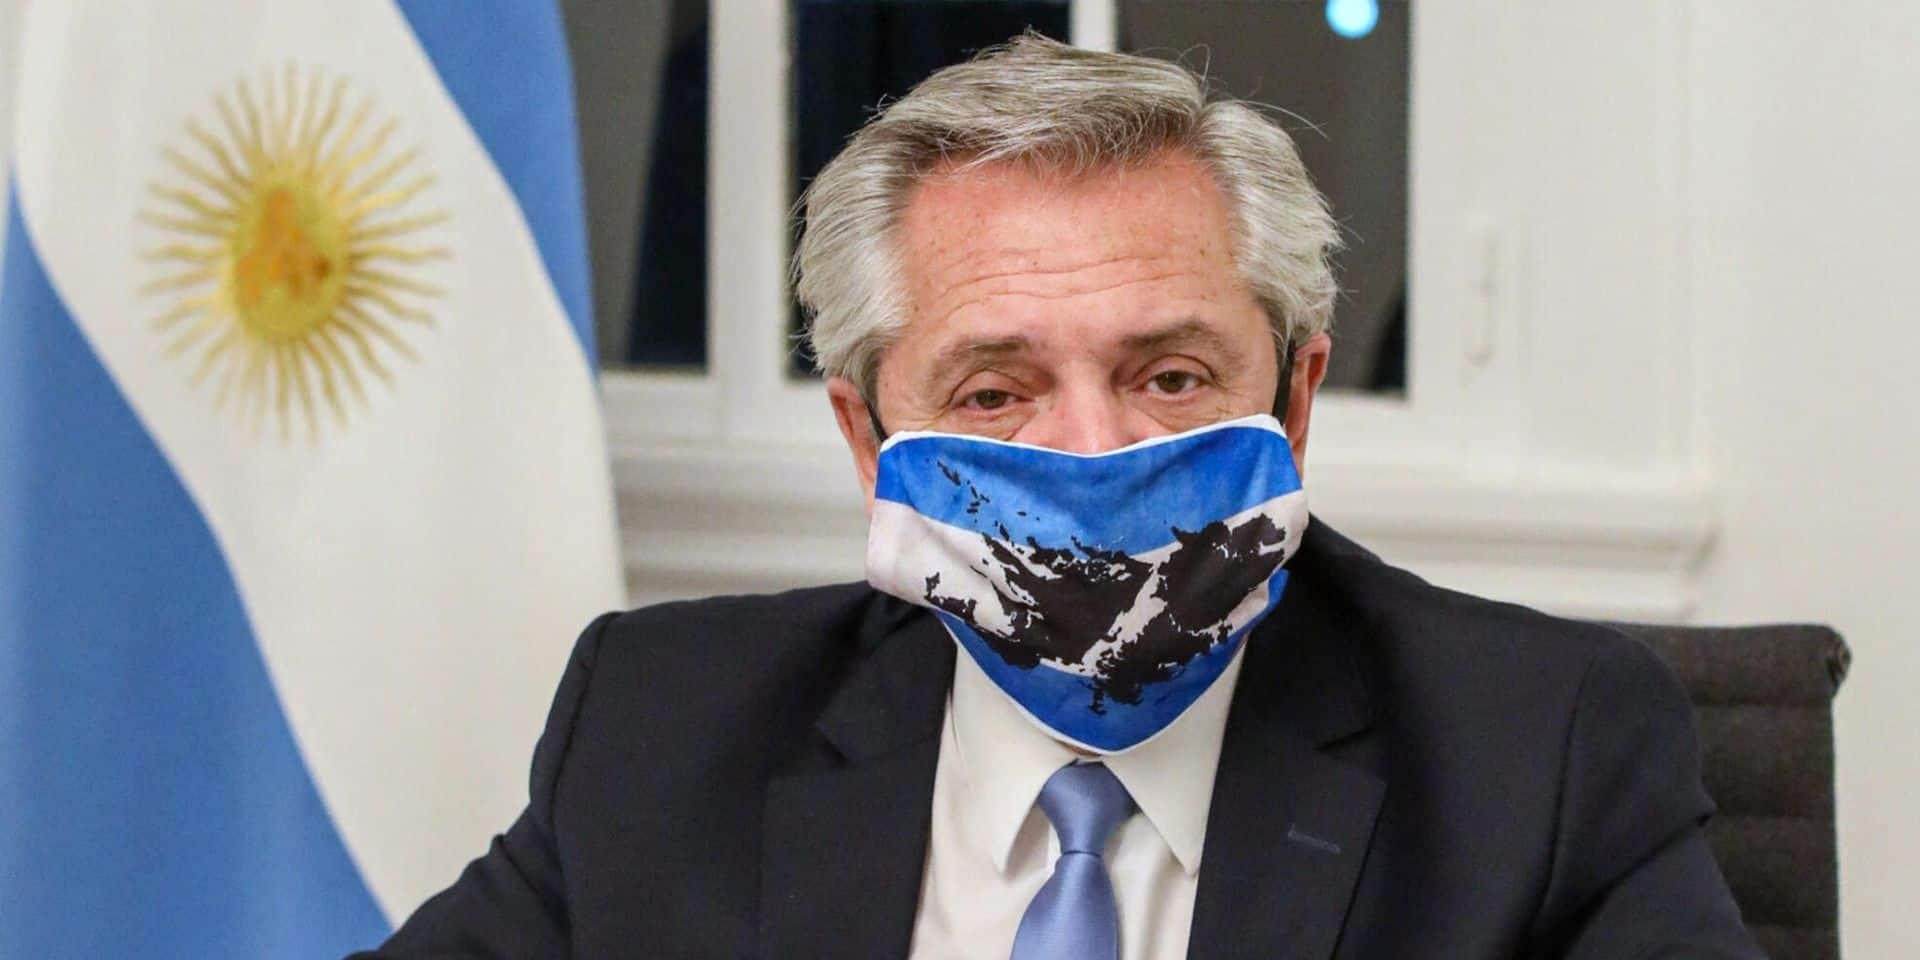 Le président argentin, bien que vacciné, testé positif au Covid-19